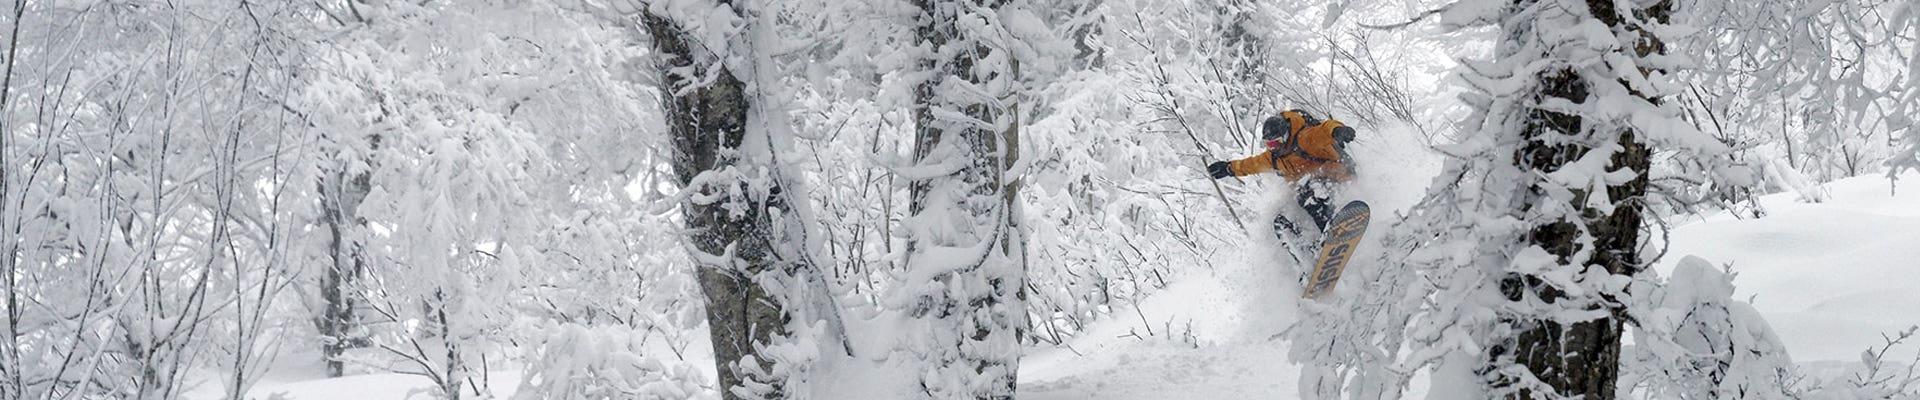 TEAM SNOWBOARD